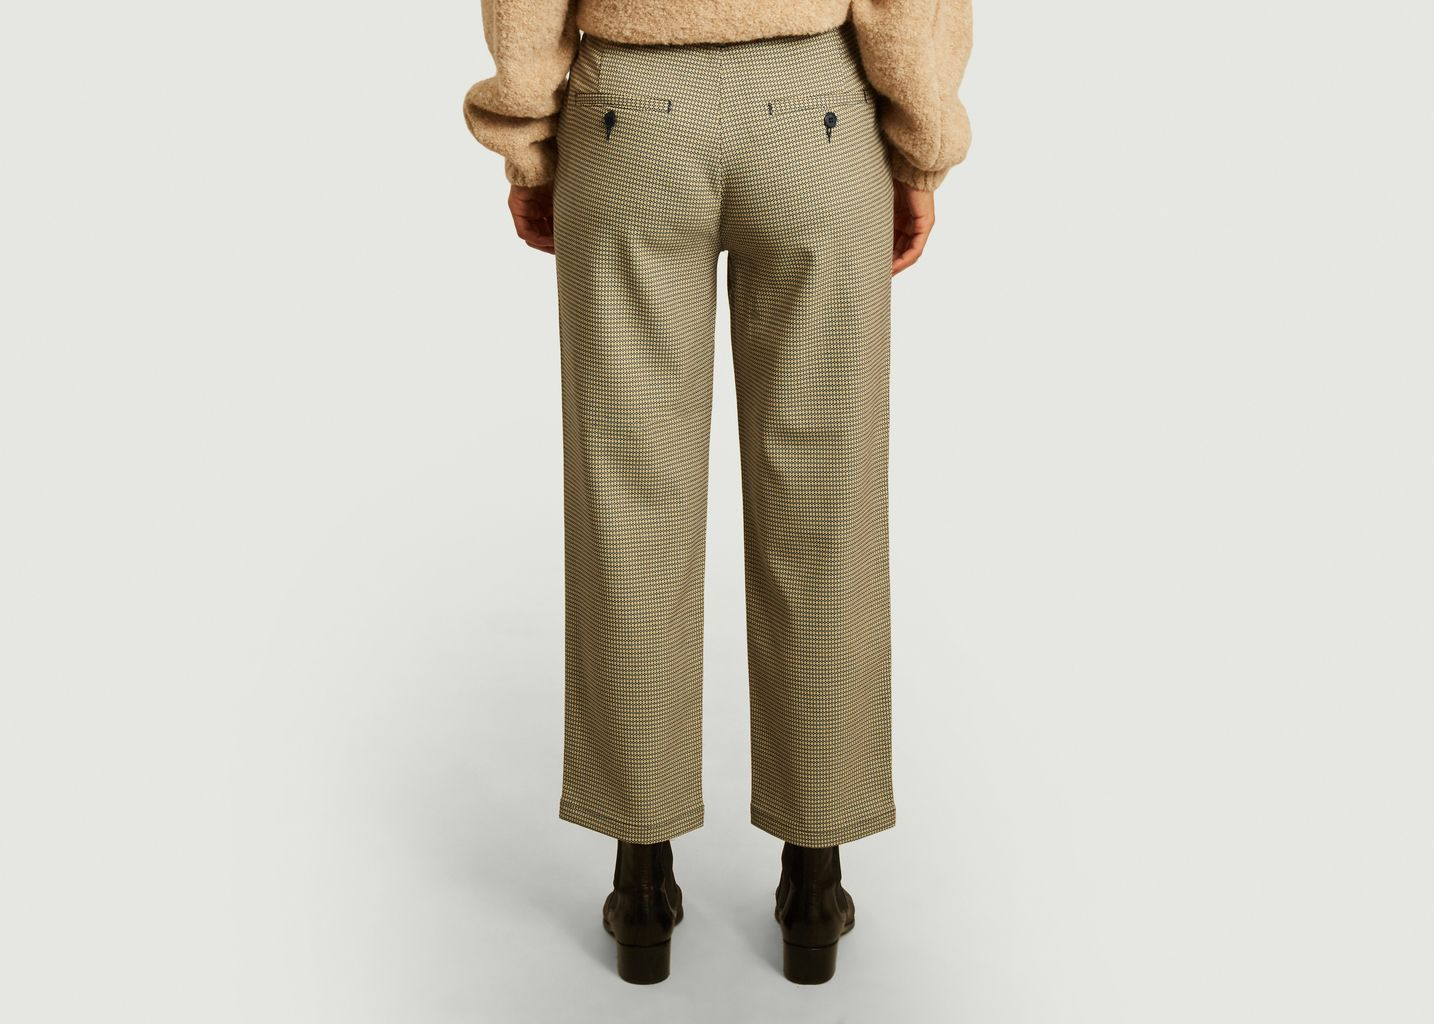 Pantalon Sandy - Reiko